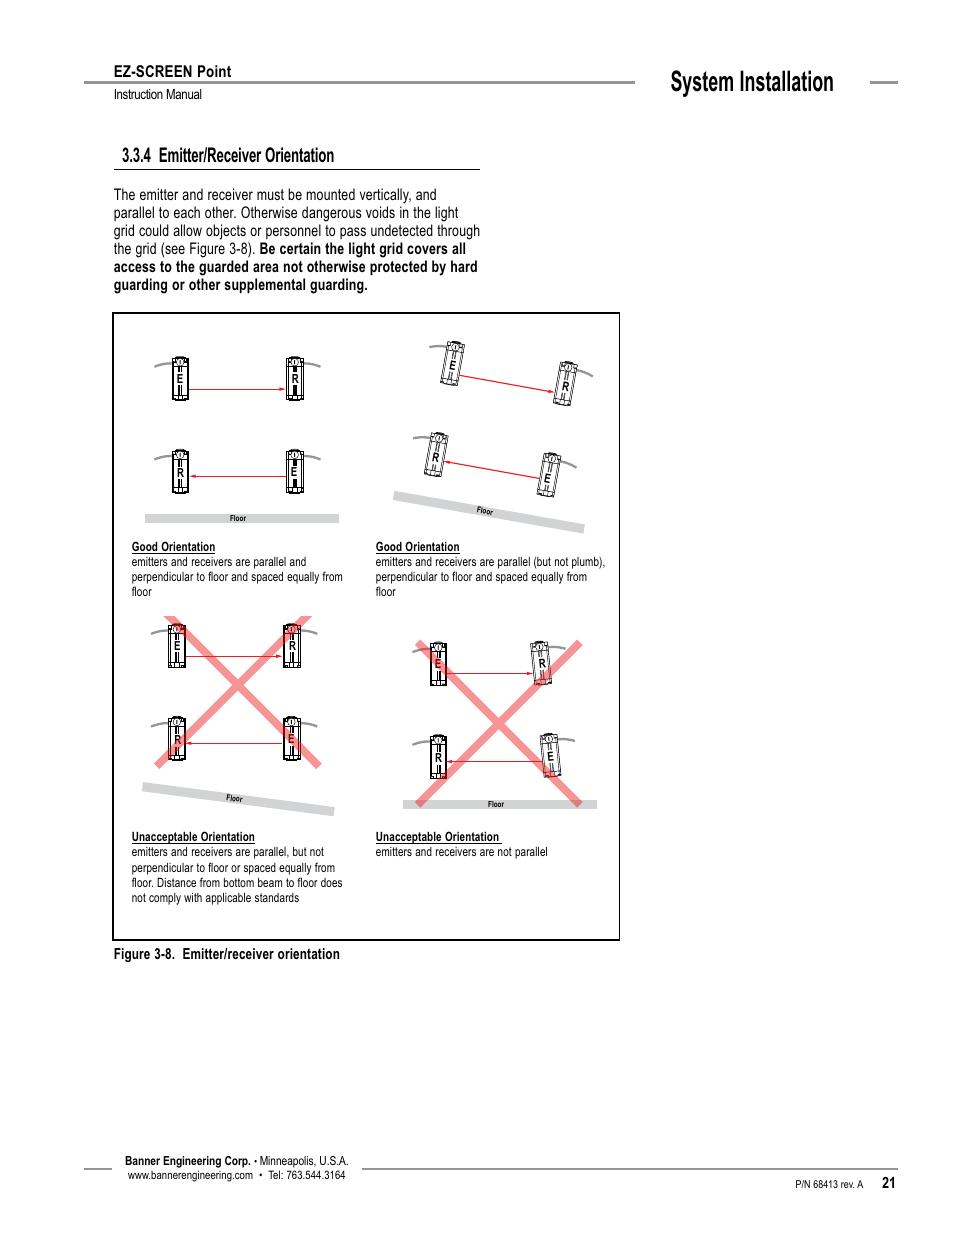 System installation, 4 emitter/receiver orientation, Ez-screen point on banner safety switches, banner light curtain manual, banner light curtain catalog,